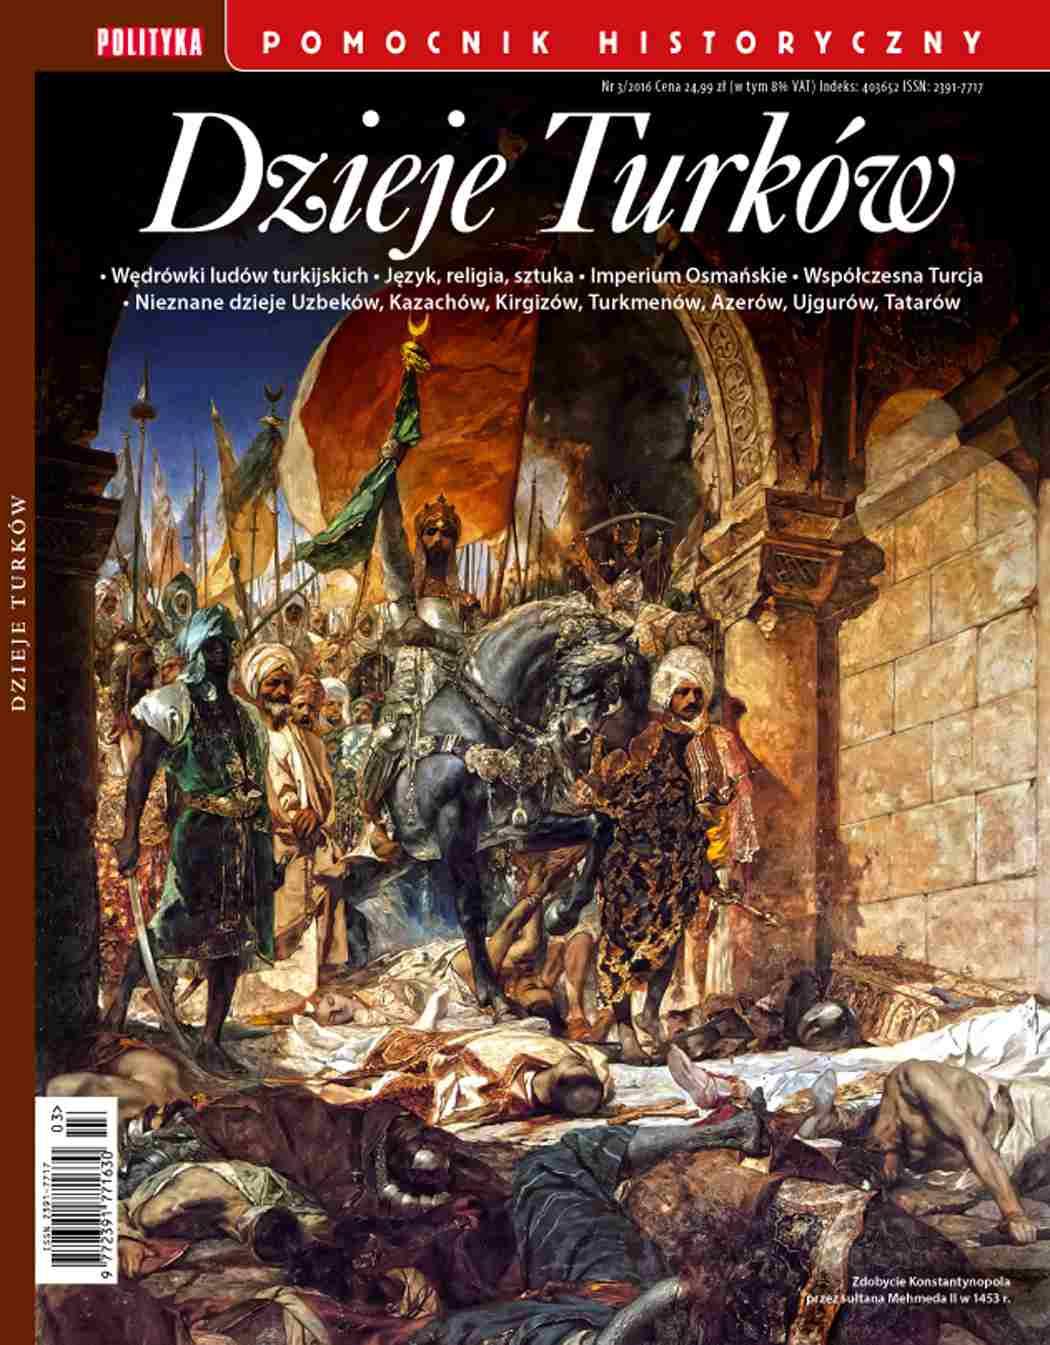 Pomocnik Historyczny. Dzieje Turków - Ebook (Książka PDF) do pobrania w formacie PDF